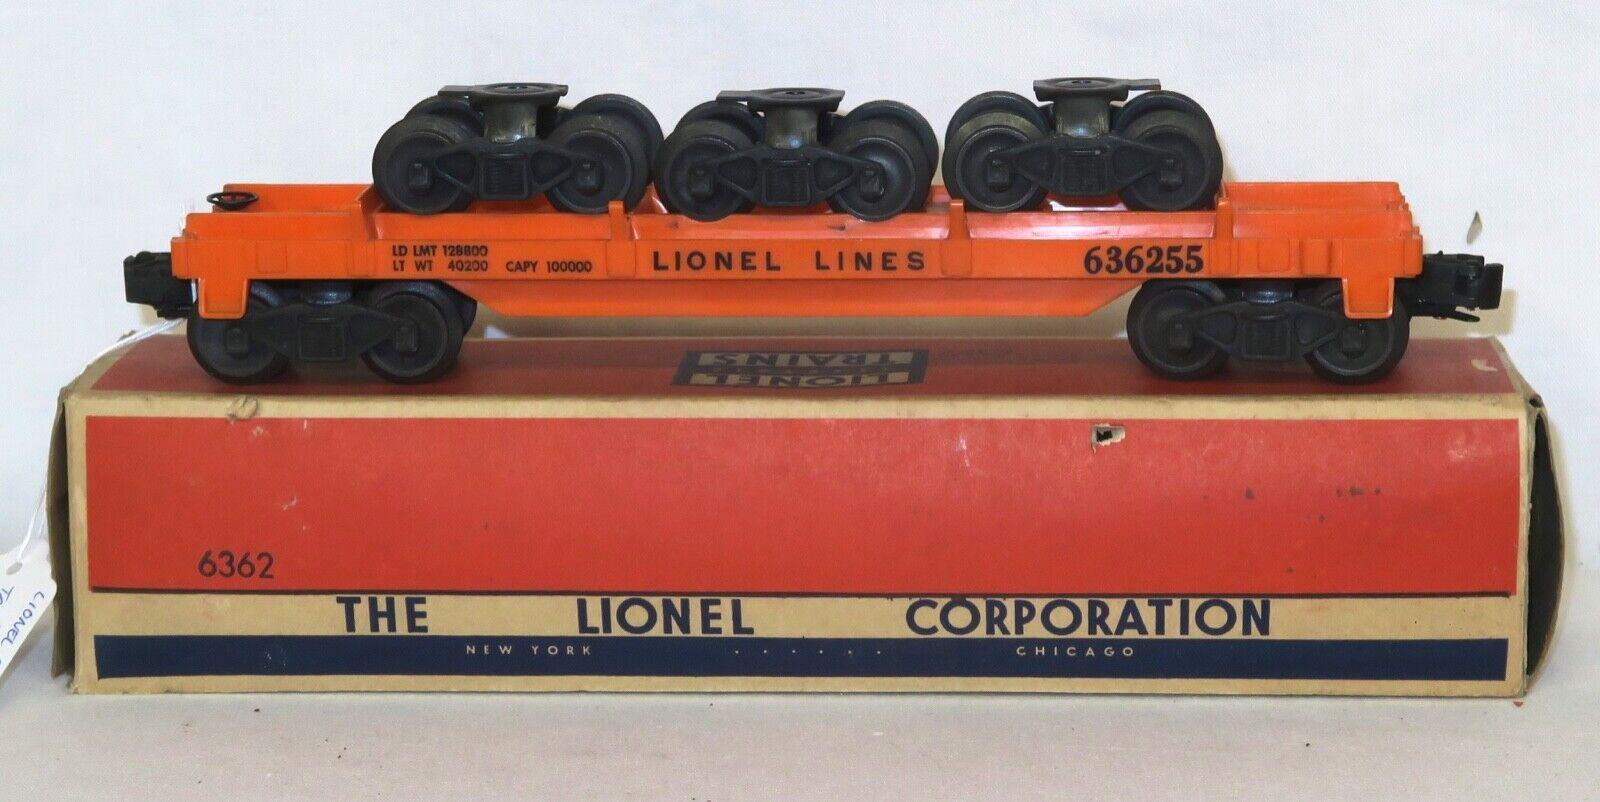 Lionel carro con carril camiones de la posguerra 6362 - 1955-1956 - Caja Original